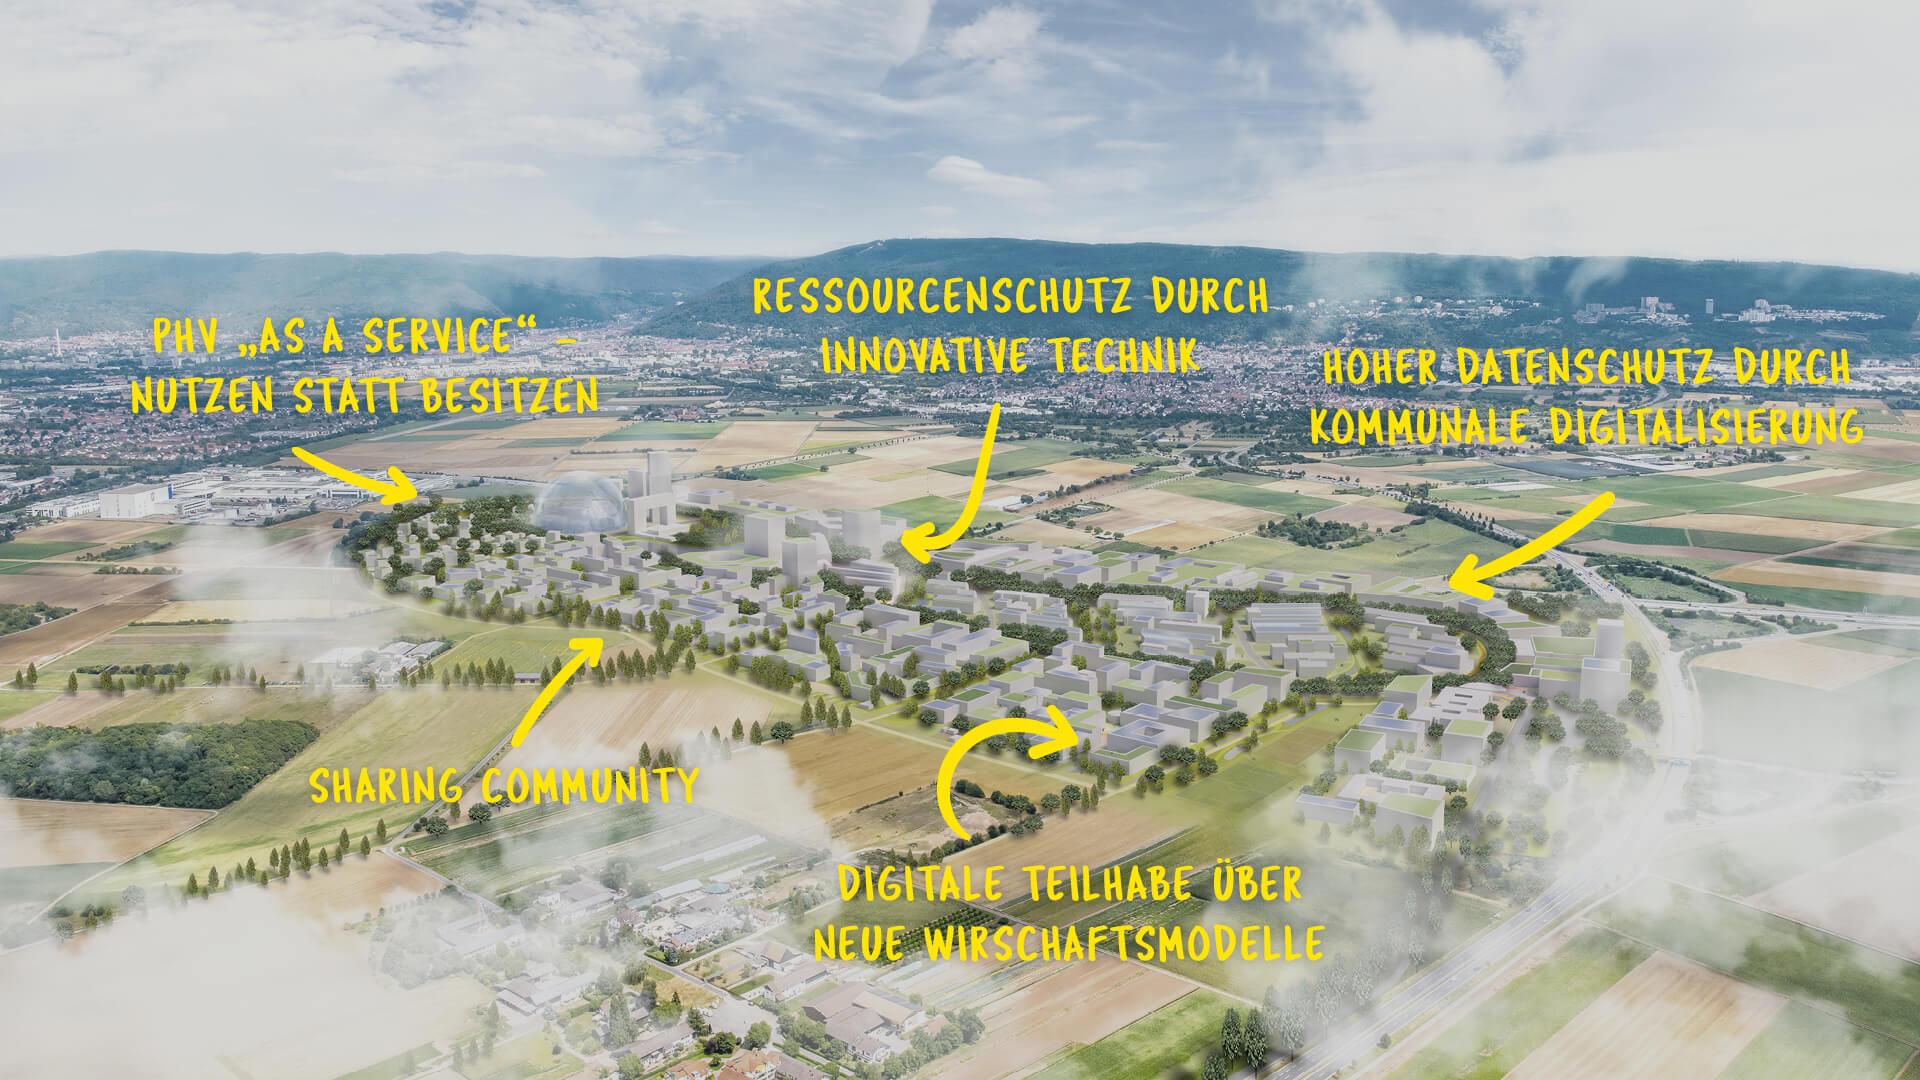 """Im PHV soll die europäische Variante einer digitalen """"Smart City"""" entstehen – und für Lebensqualität und Datenschutz zugleich sorgen. © KCAP"""